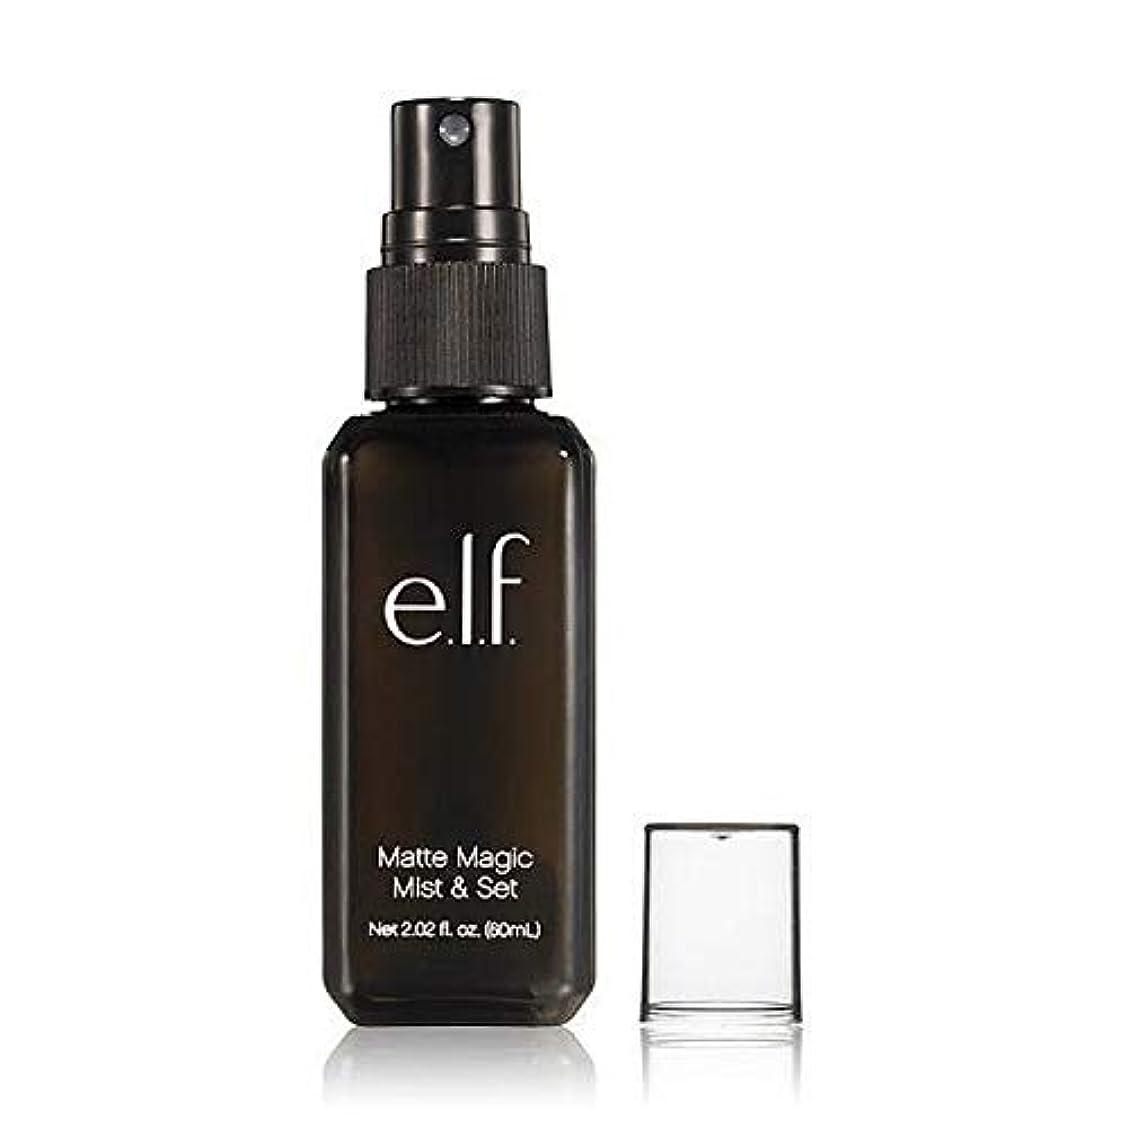 望みハロウィンパンチ[Elf ] ミスト&セットスプレーを照らすE.L.F - e.l.f Illuminating Mist & Set Spray [並行輸入品]